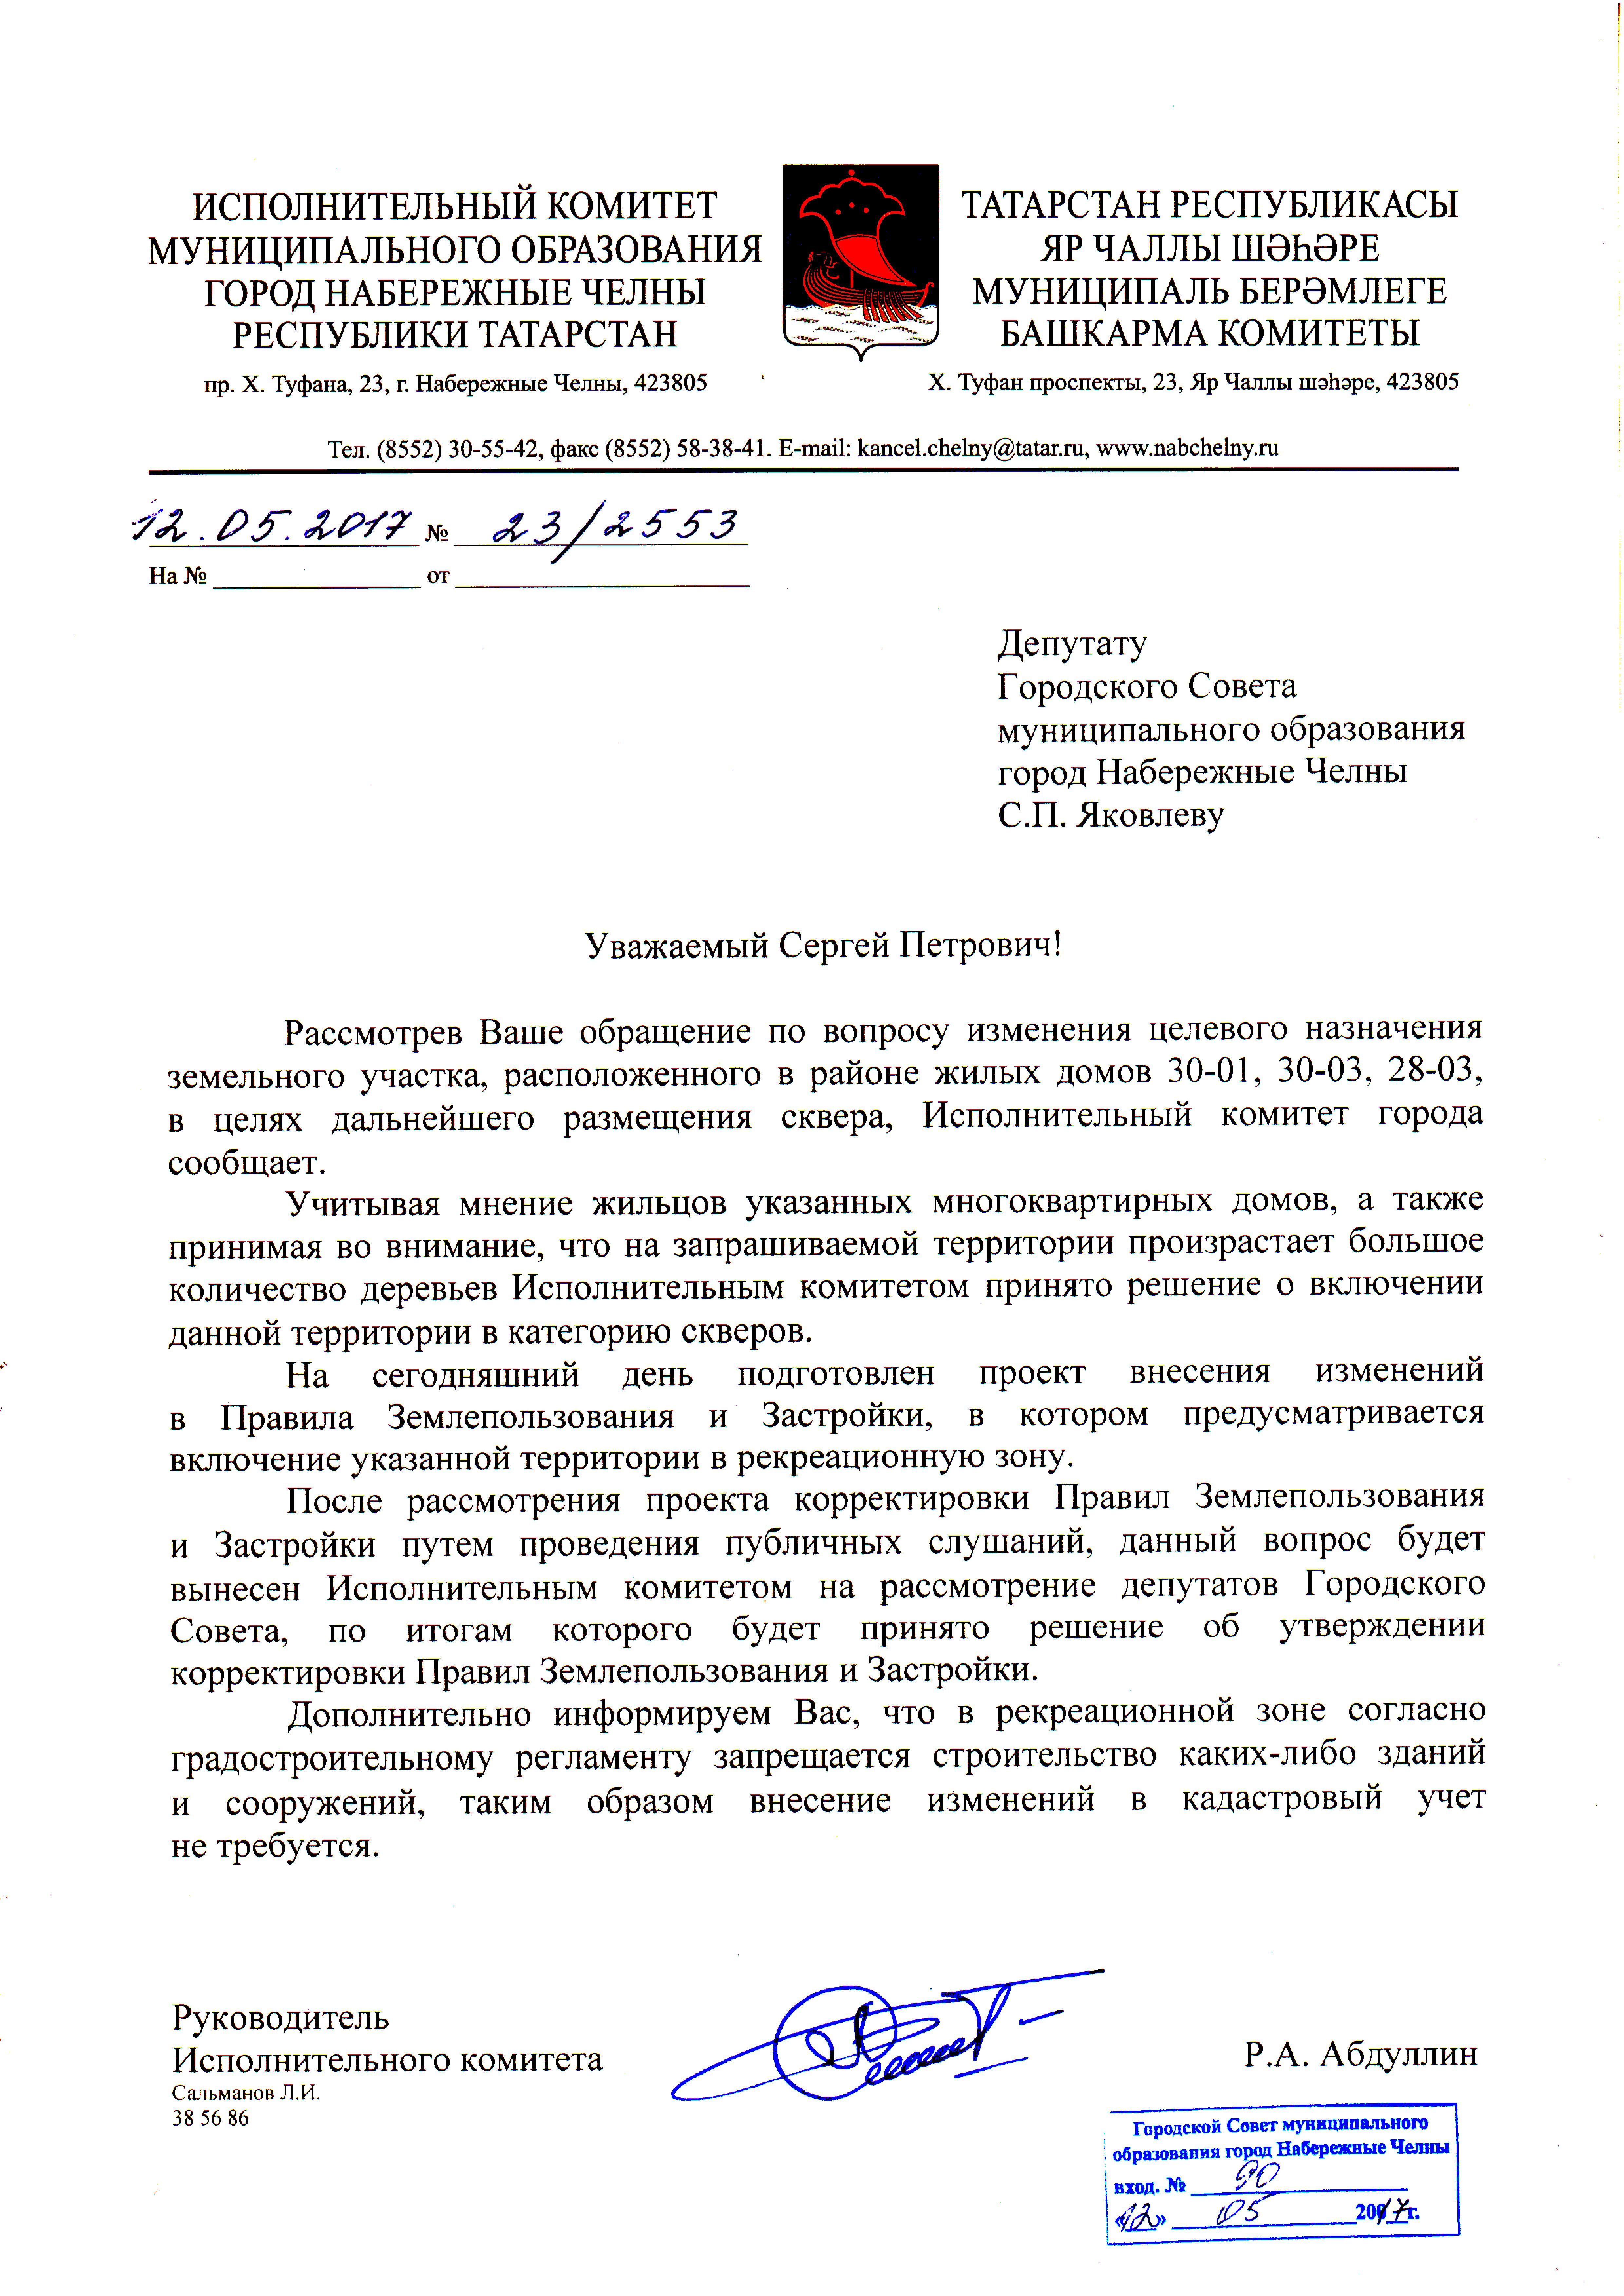 Yakovlevu_SP_1